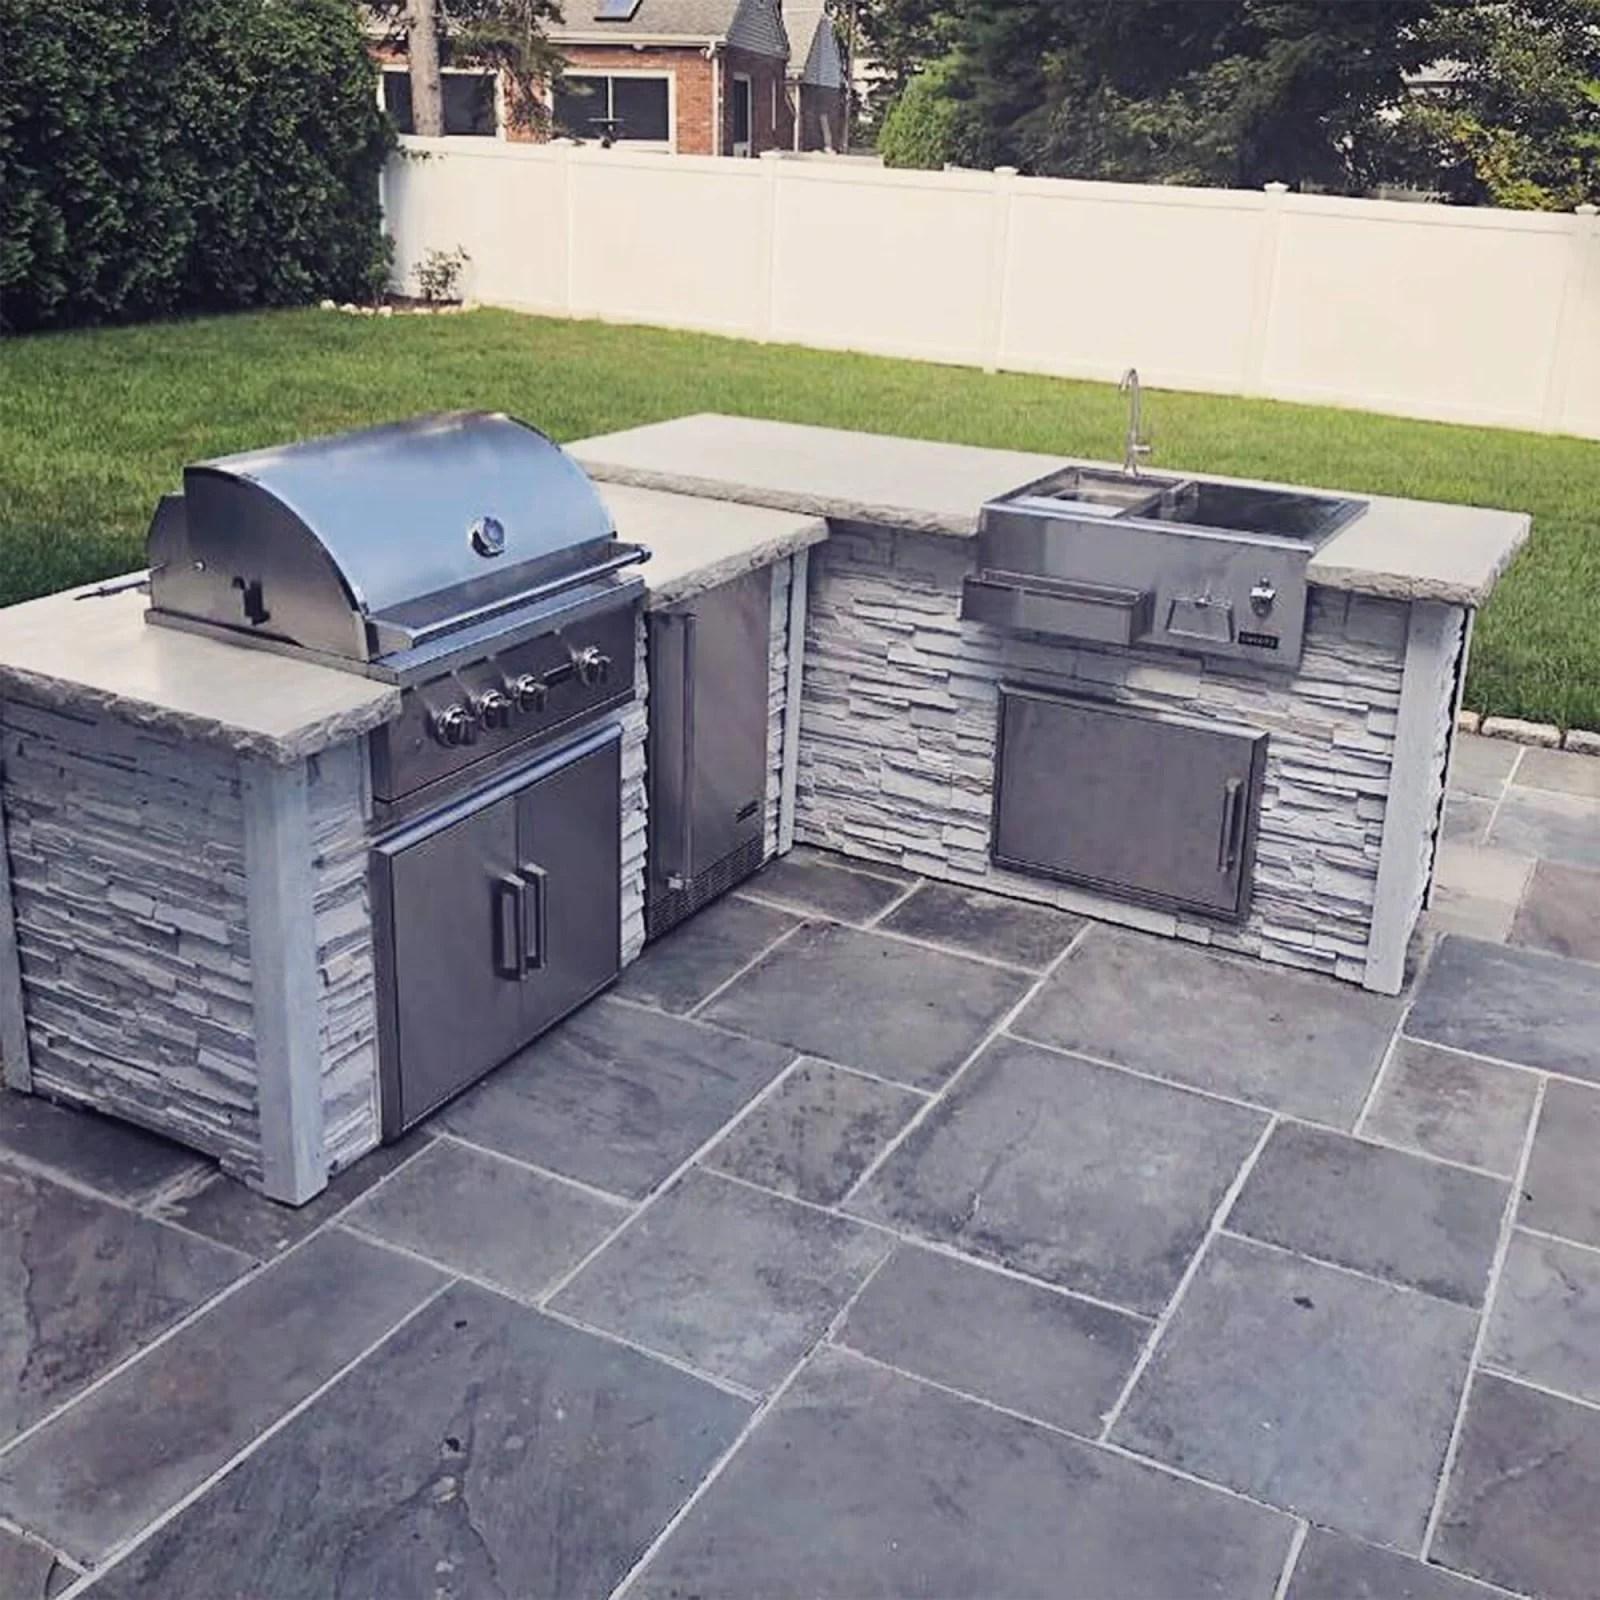 rta outdoor living 96 5 piece 4 burner